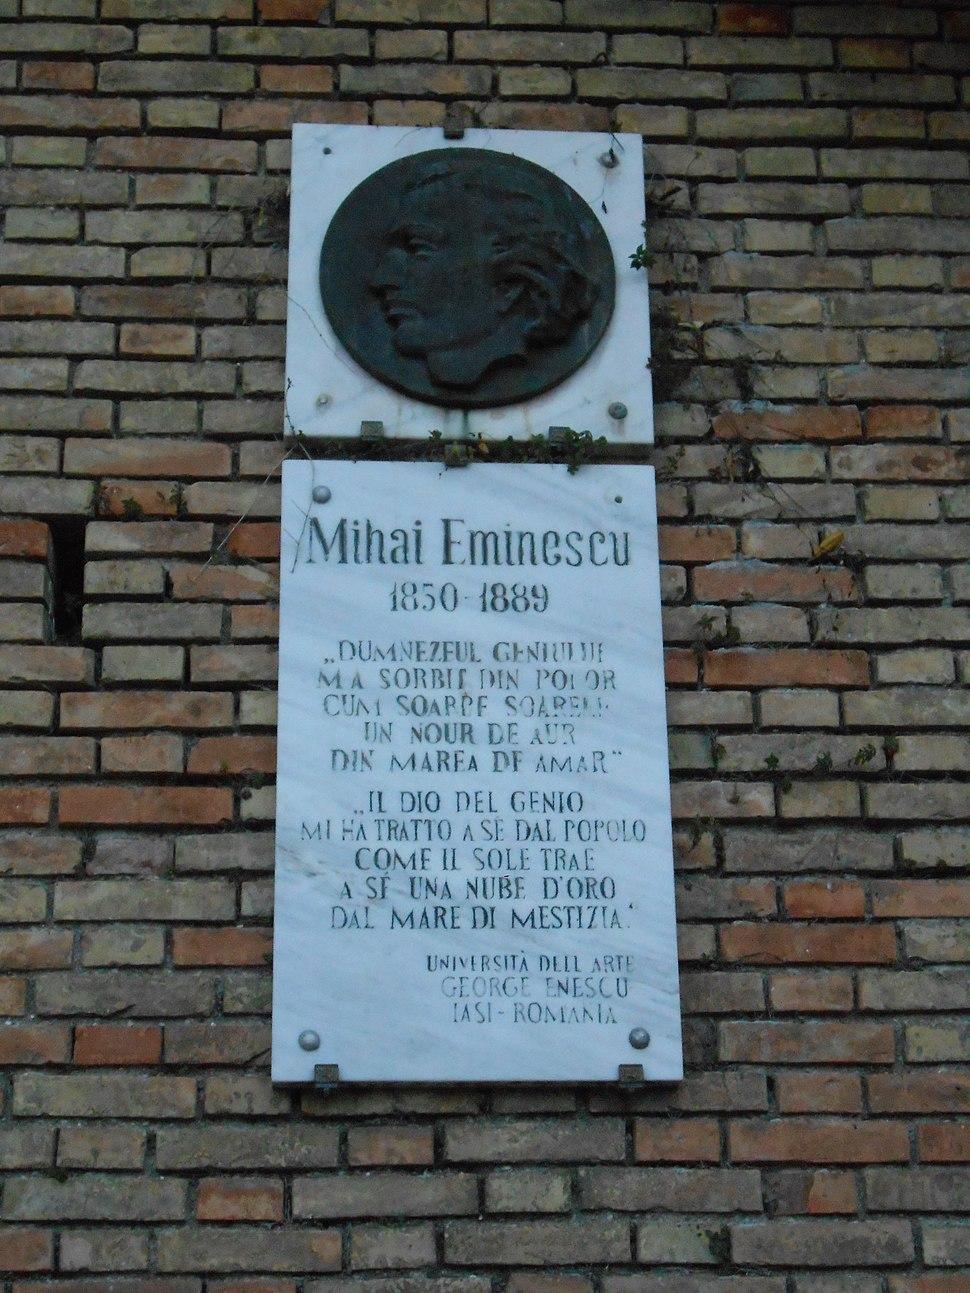 Mihai Eminescu, Recanati